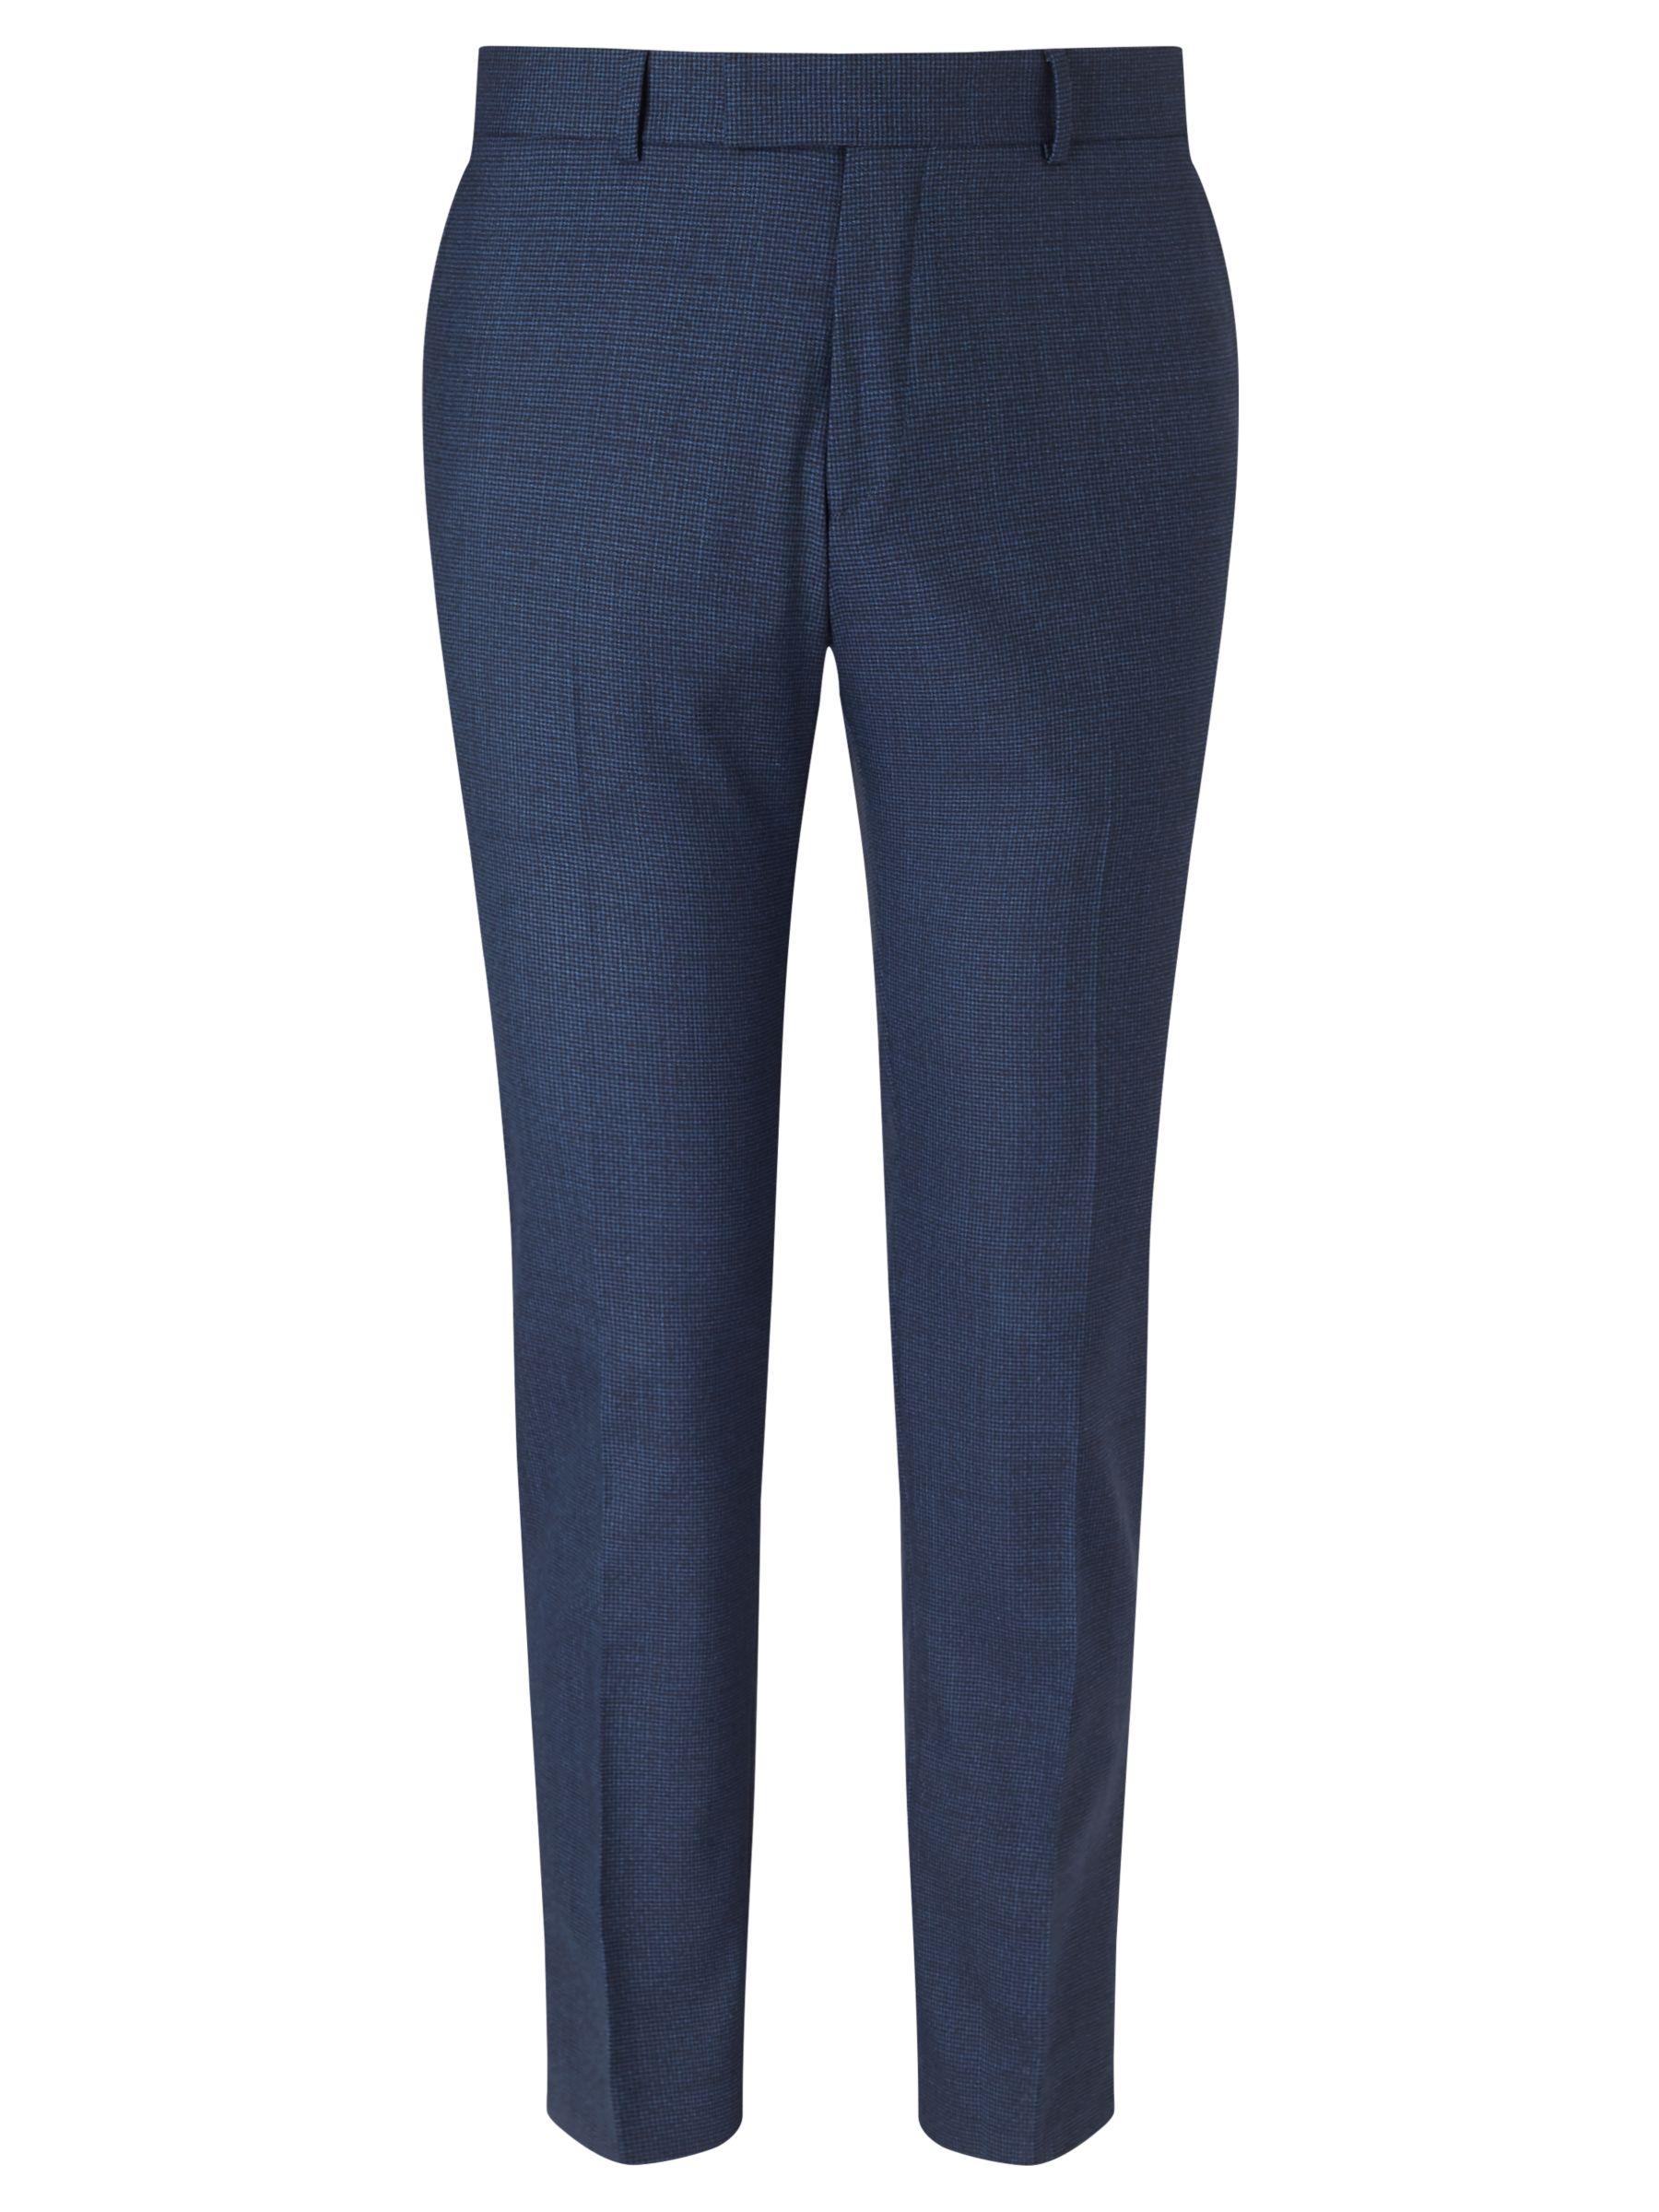 Richard James Mayfair Richard James Mayfair Puppytooth Slim Suit Trousers, Blue